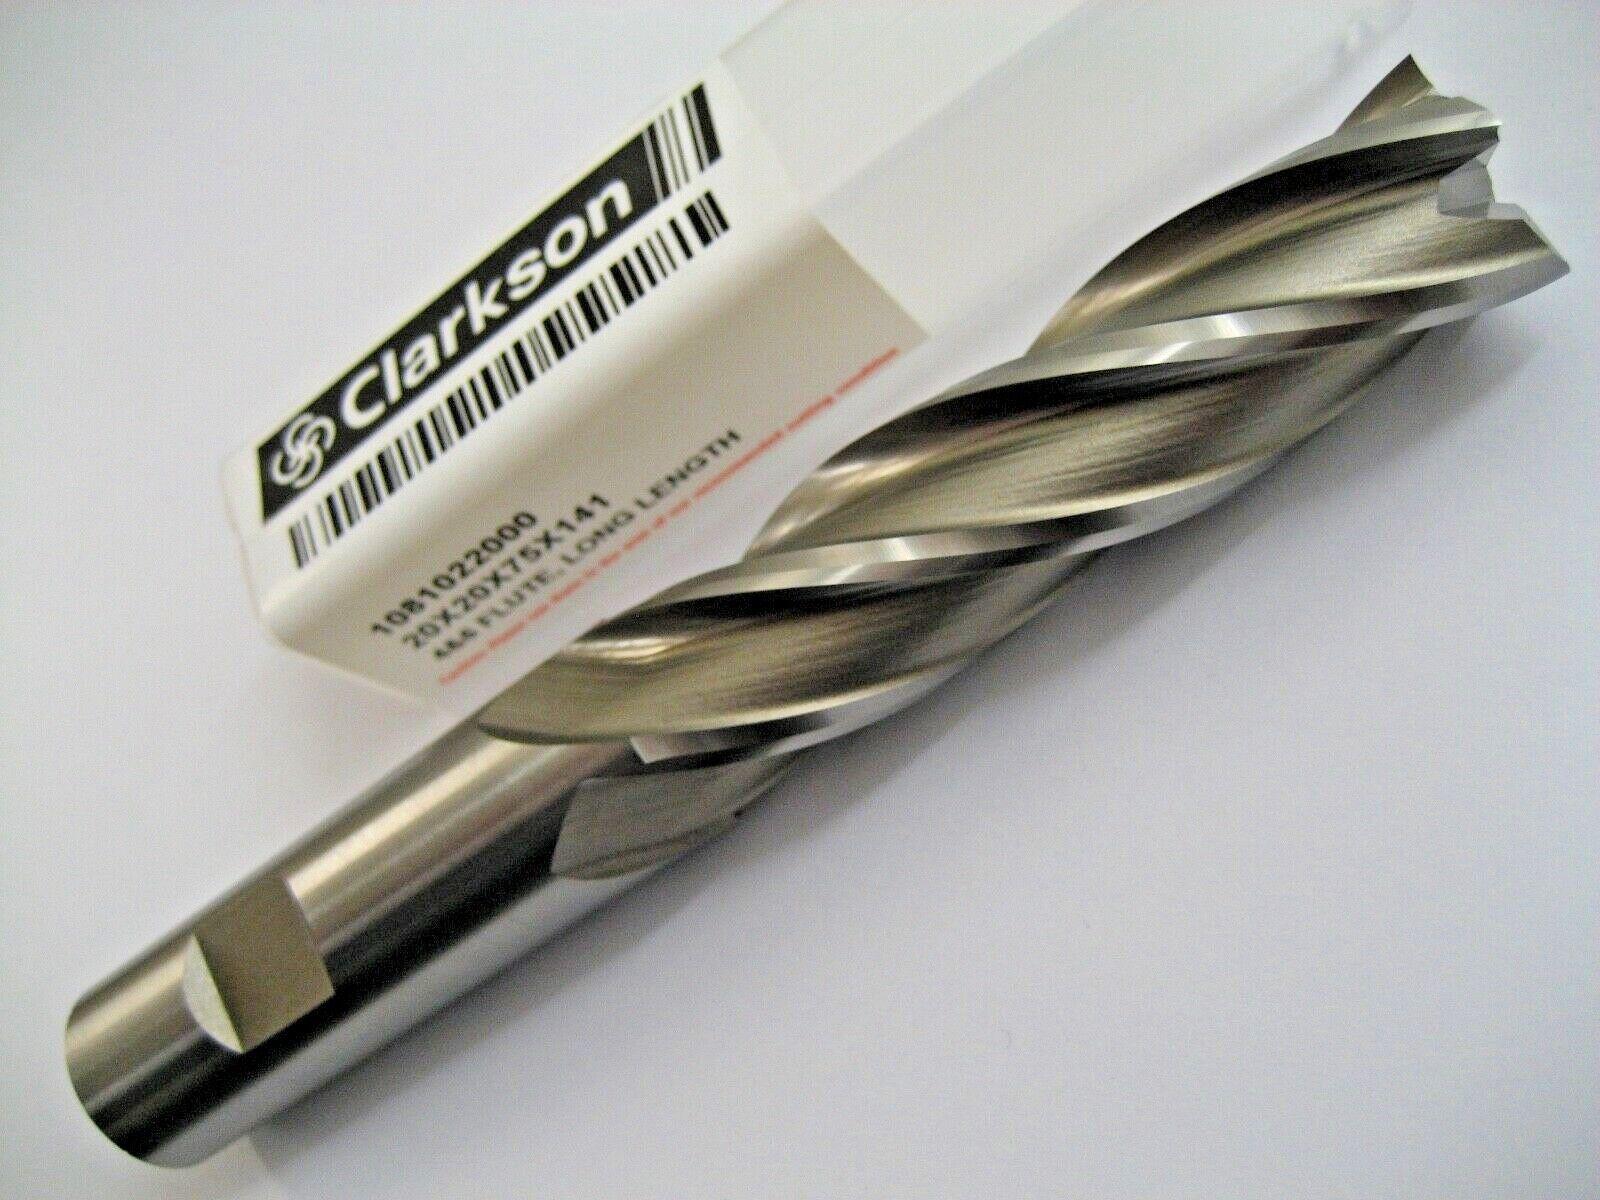 12mm COBALT END MILL LONG SERIES HSSCo8 4 FLUTED EUROPA CLARKSON 3082021200 171